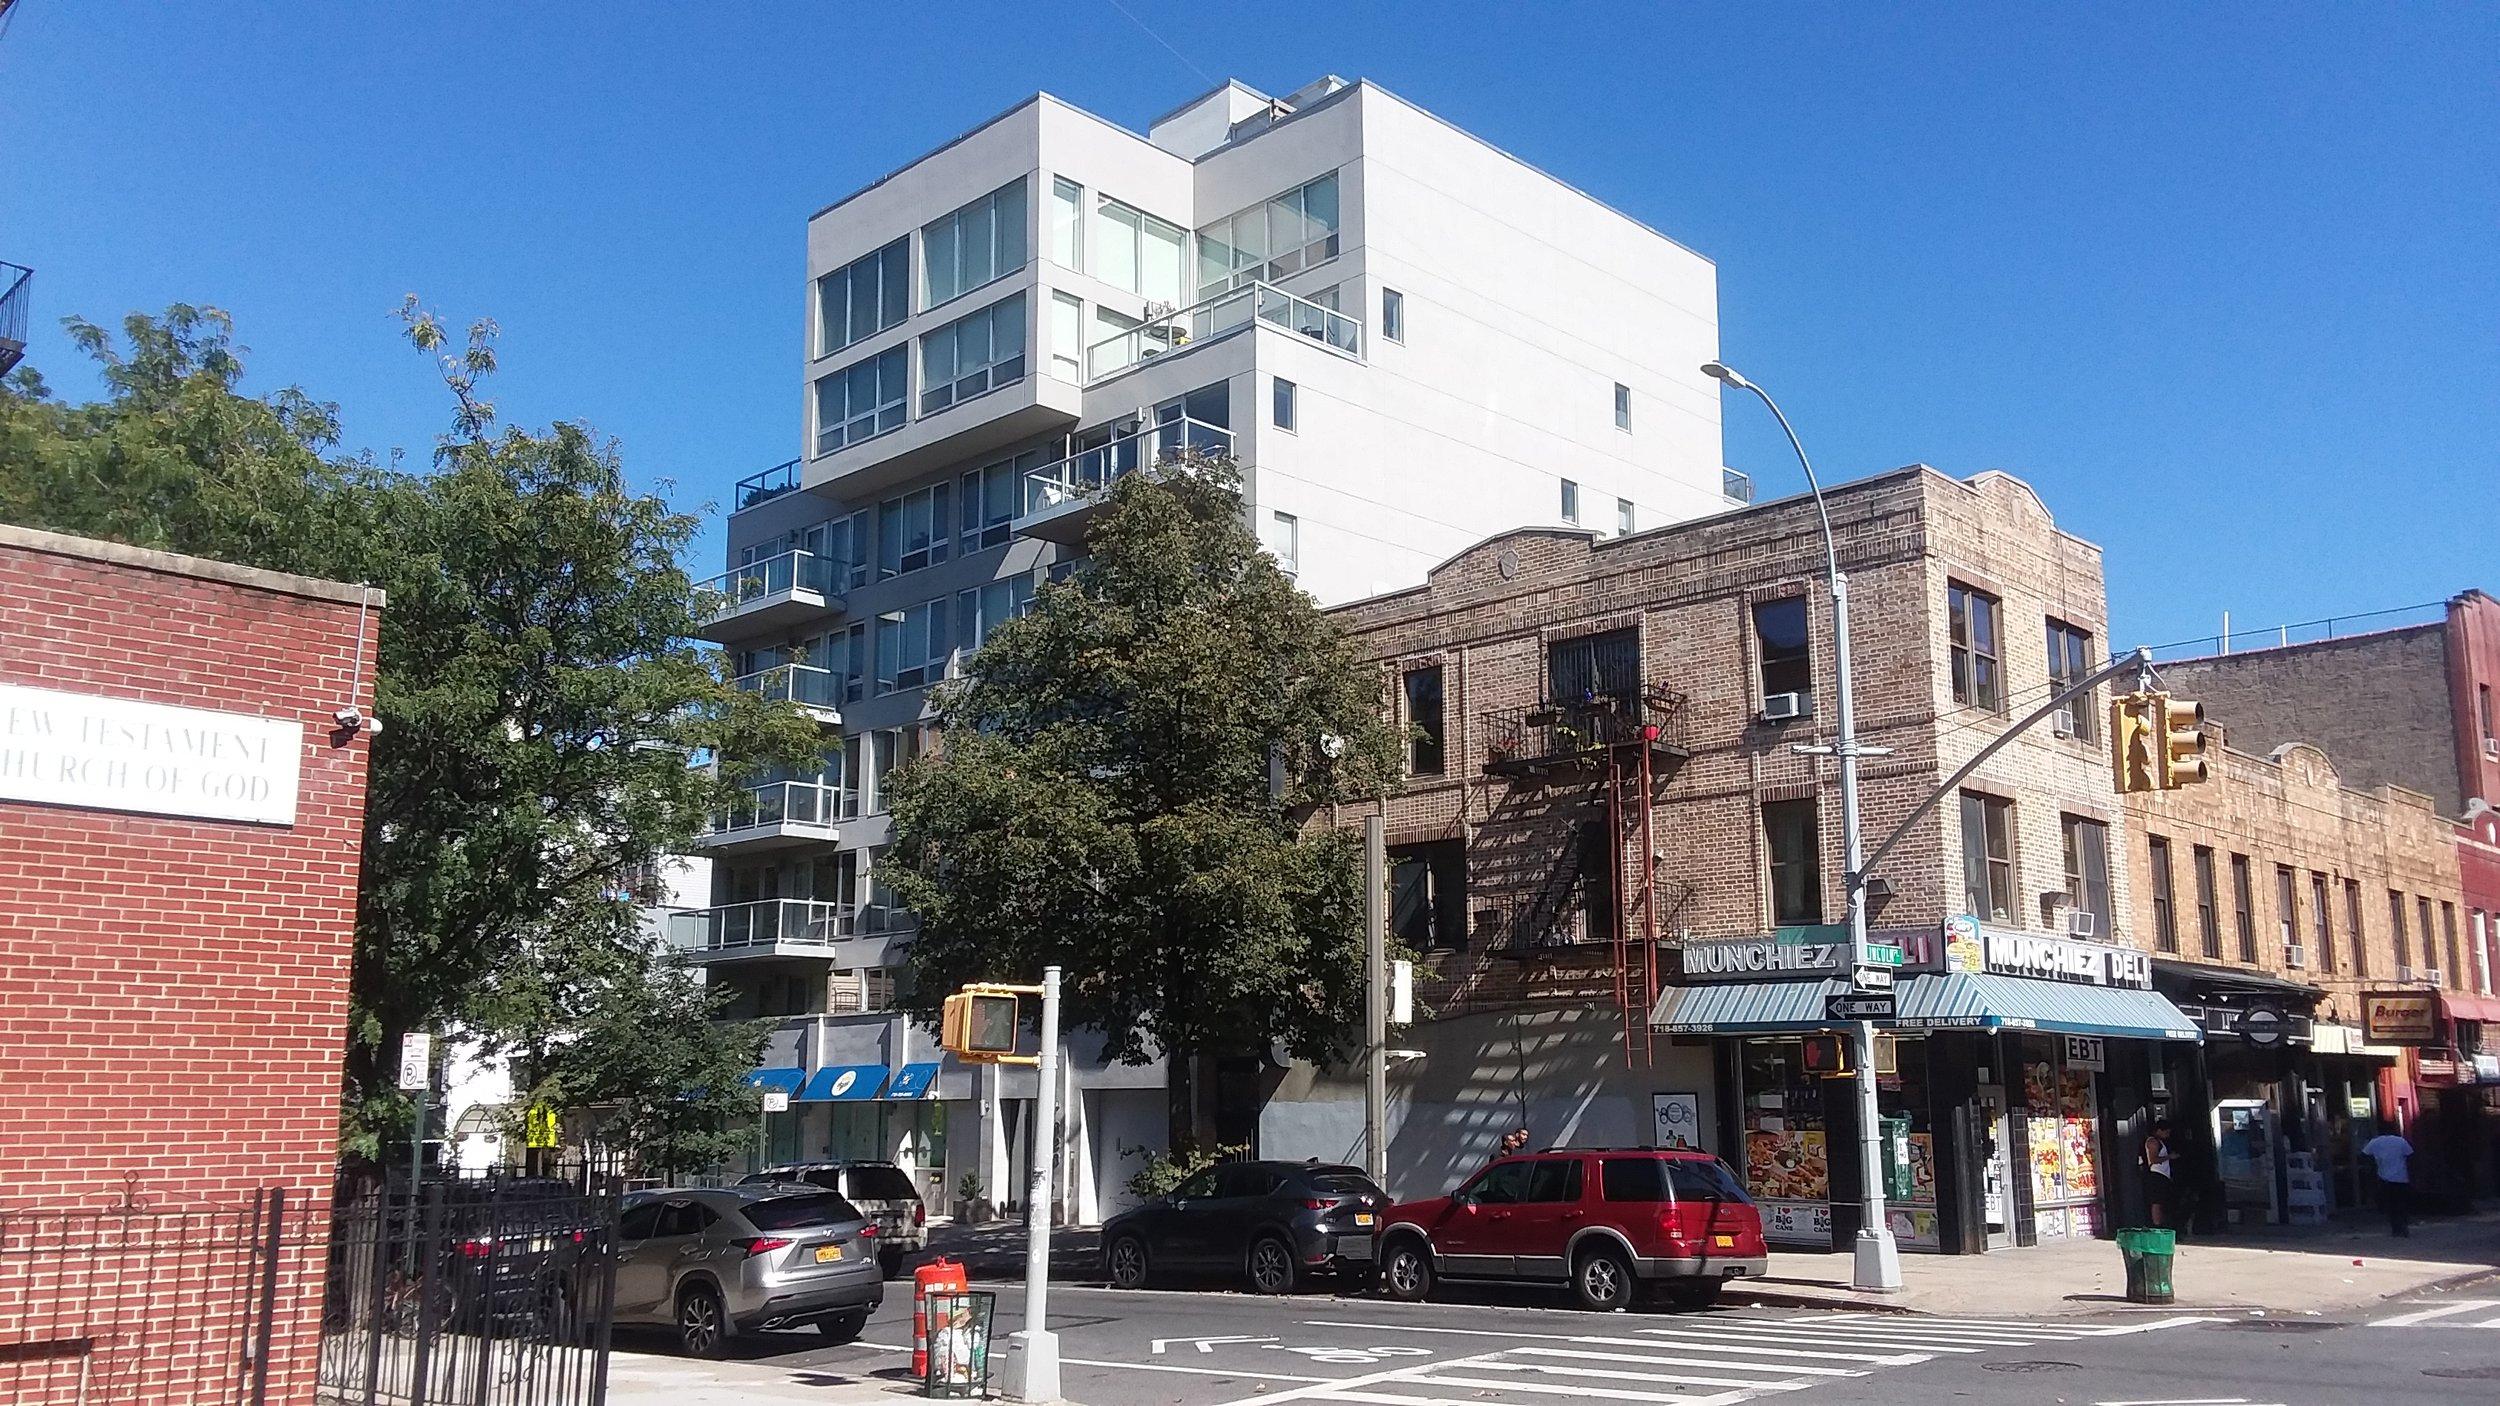 823 Classon Ave., Brooklyn, NY. Photo: Darryl Montgomery.